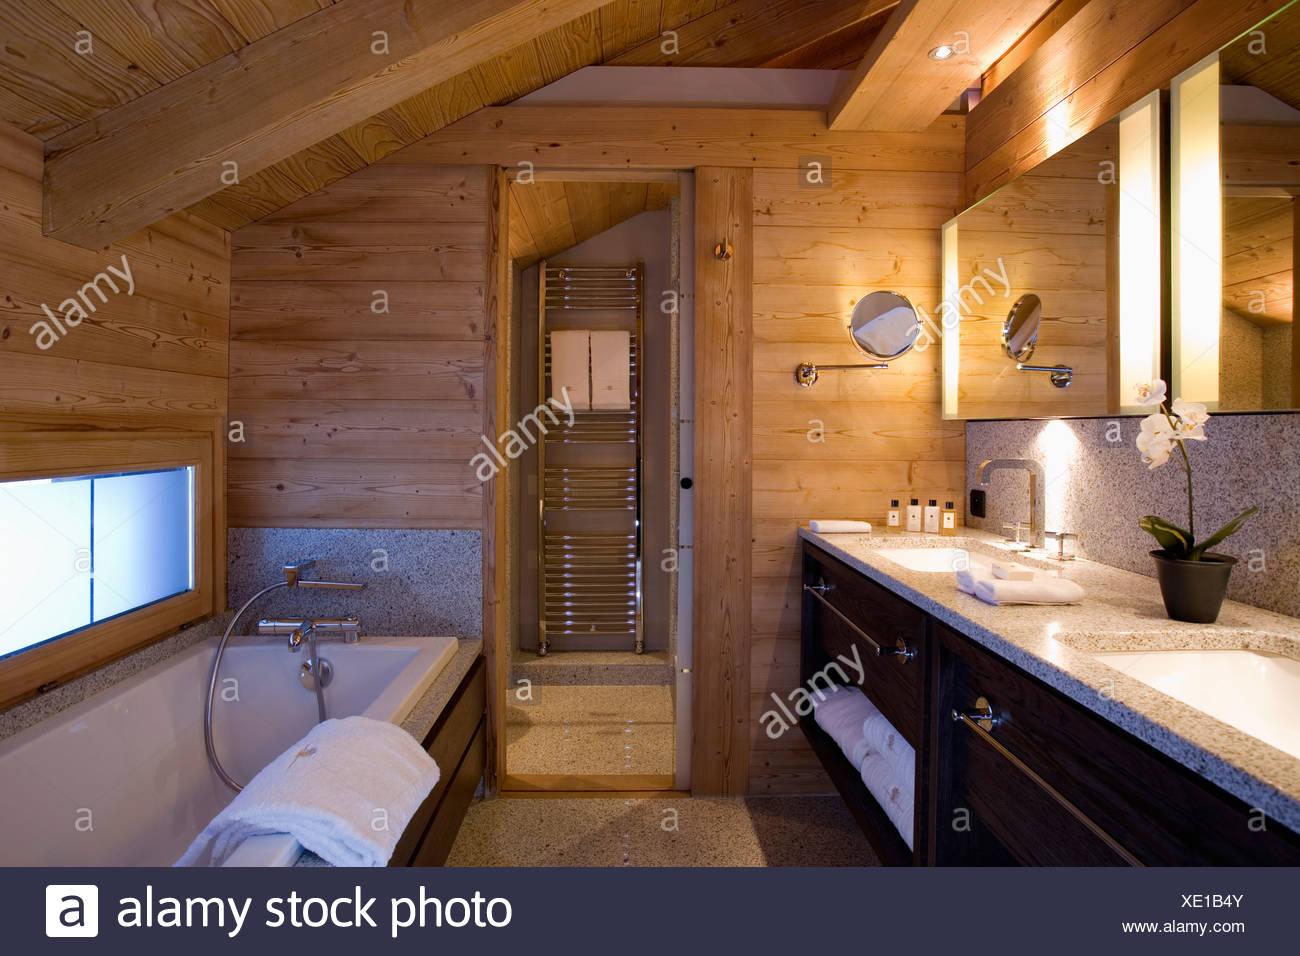 Salle De Bains Moderne Avec Des Murs En Bois Et Plafond Dans Alpine Chalet  à Chamonix